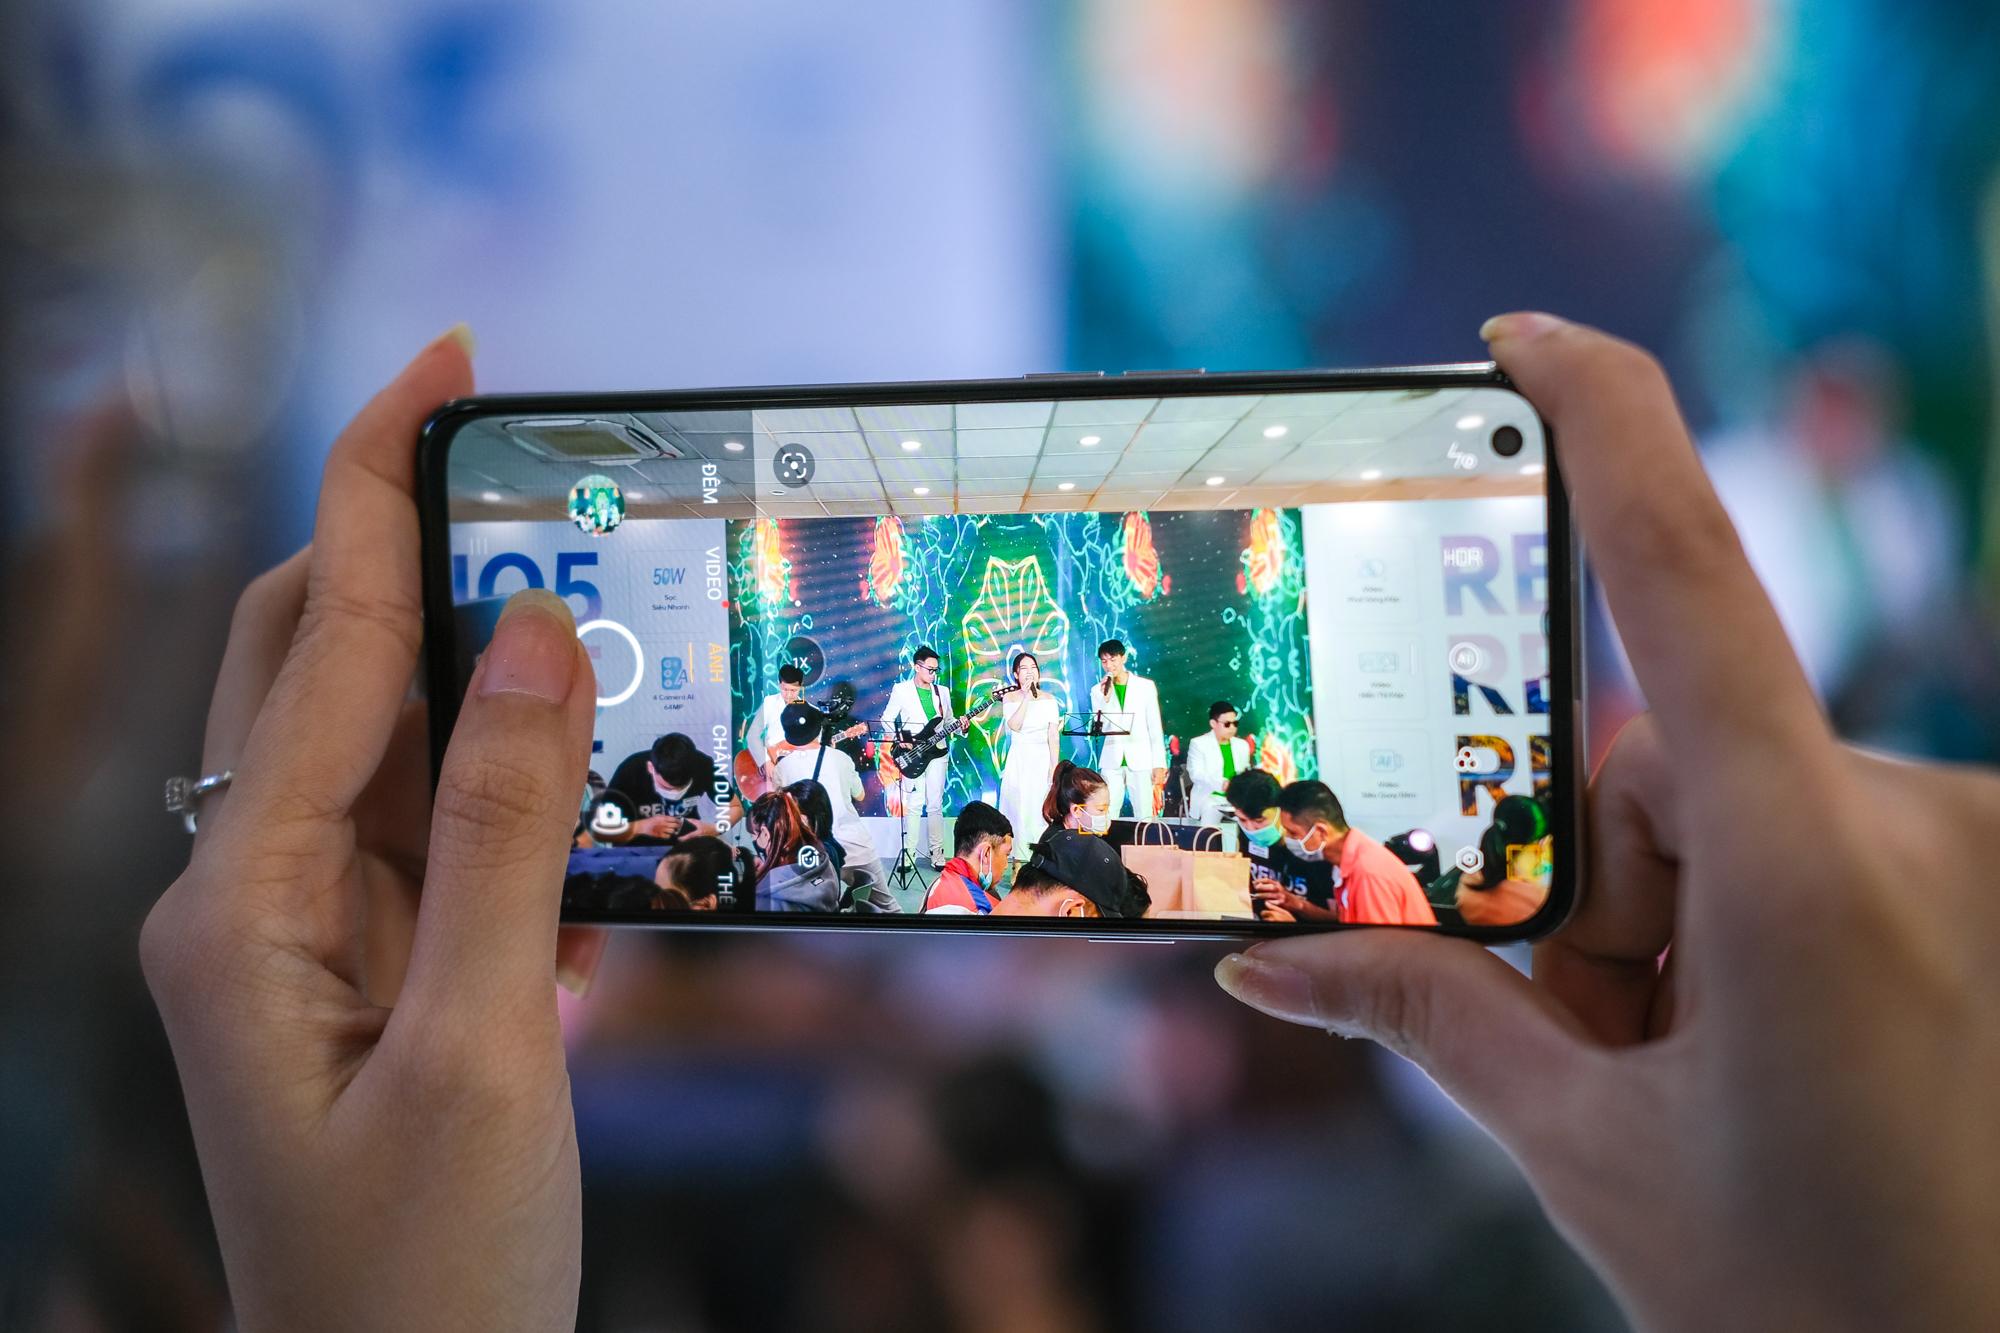 OPPO Reno5 áp đảo lượng đặt hàng nhiều chuỗi bán lẻ, tăng tốc thị trường điện thoại chụp Tết - Ảnh 3.